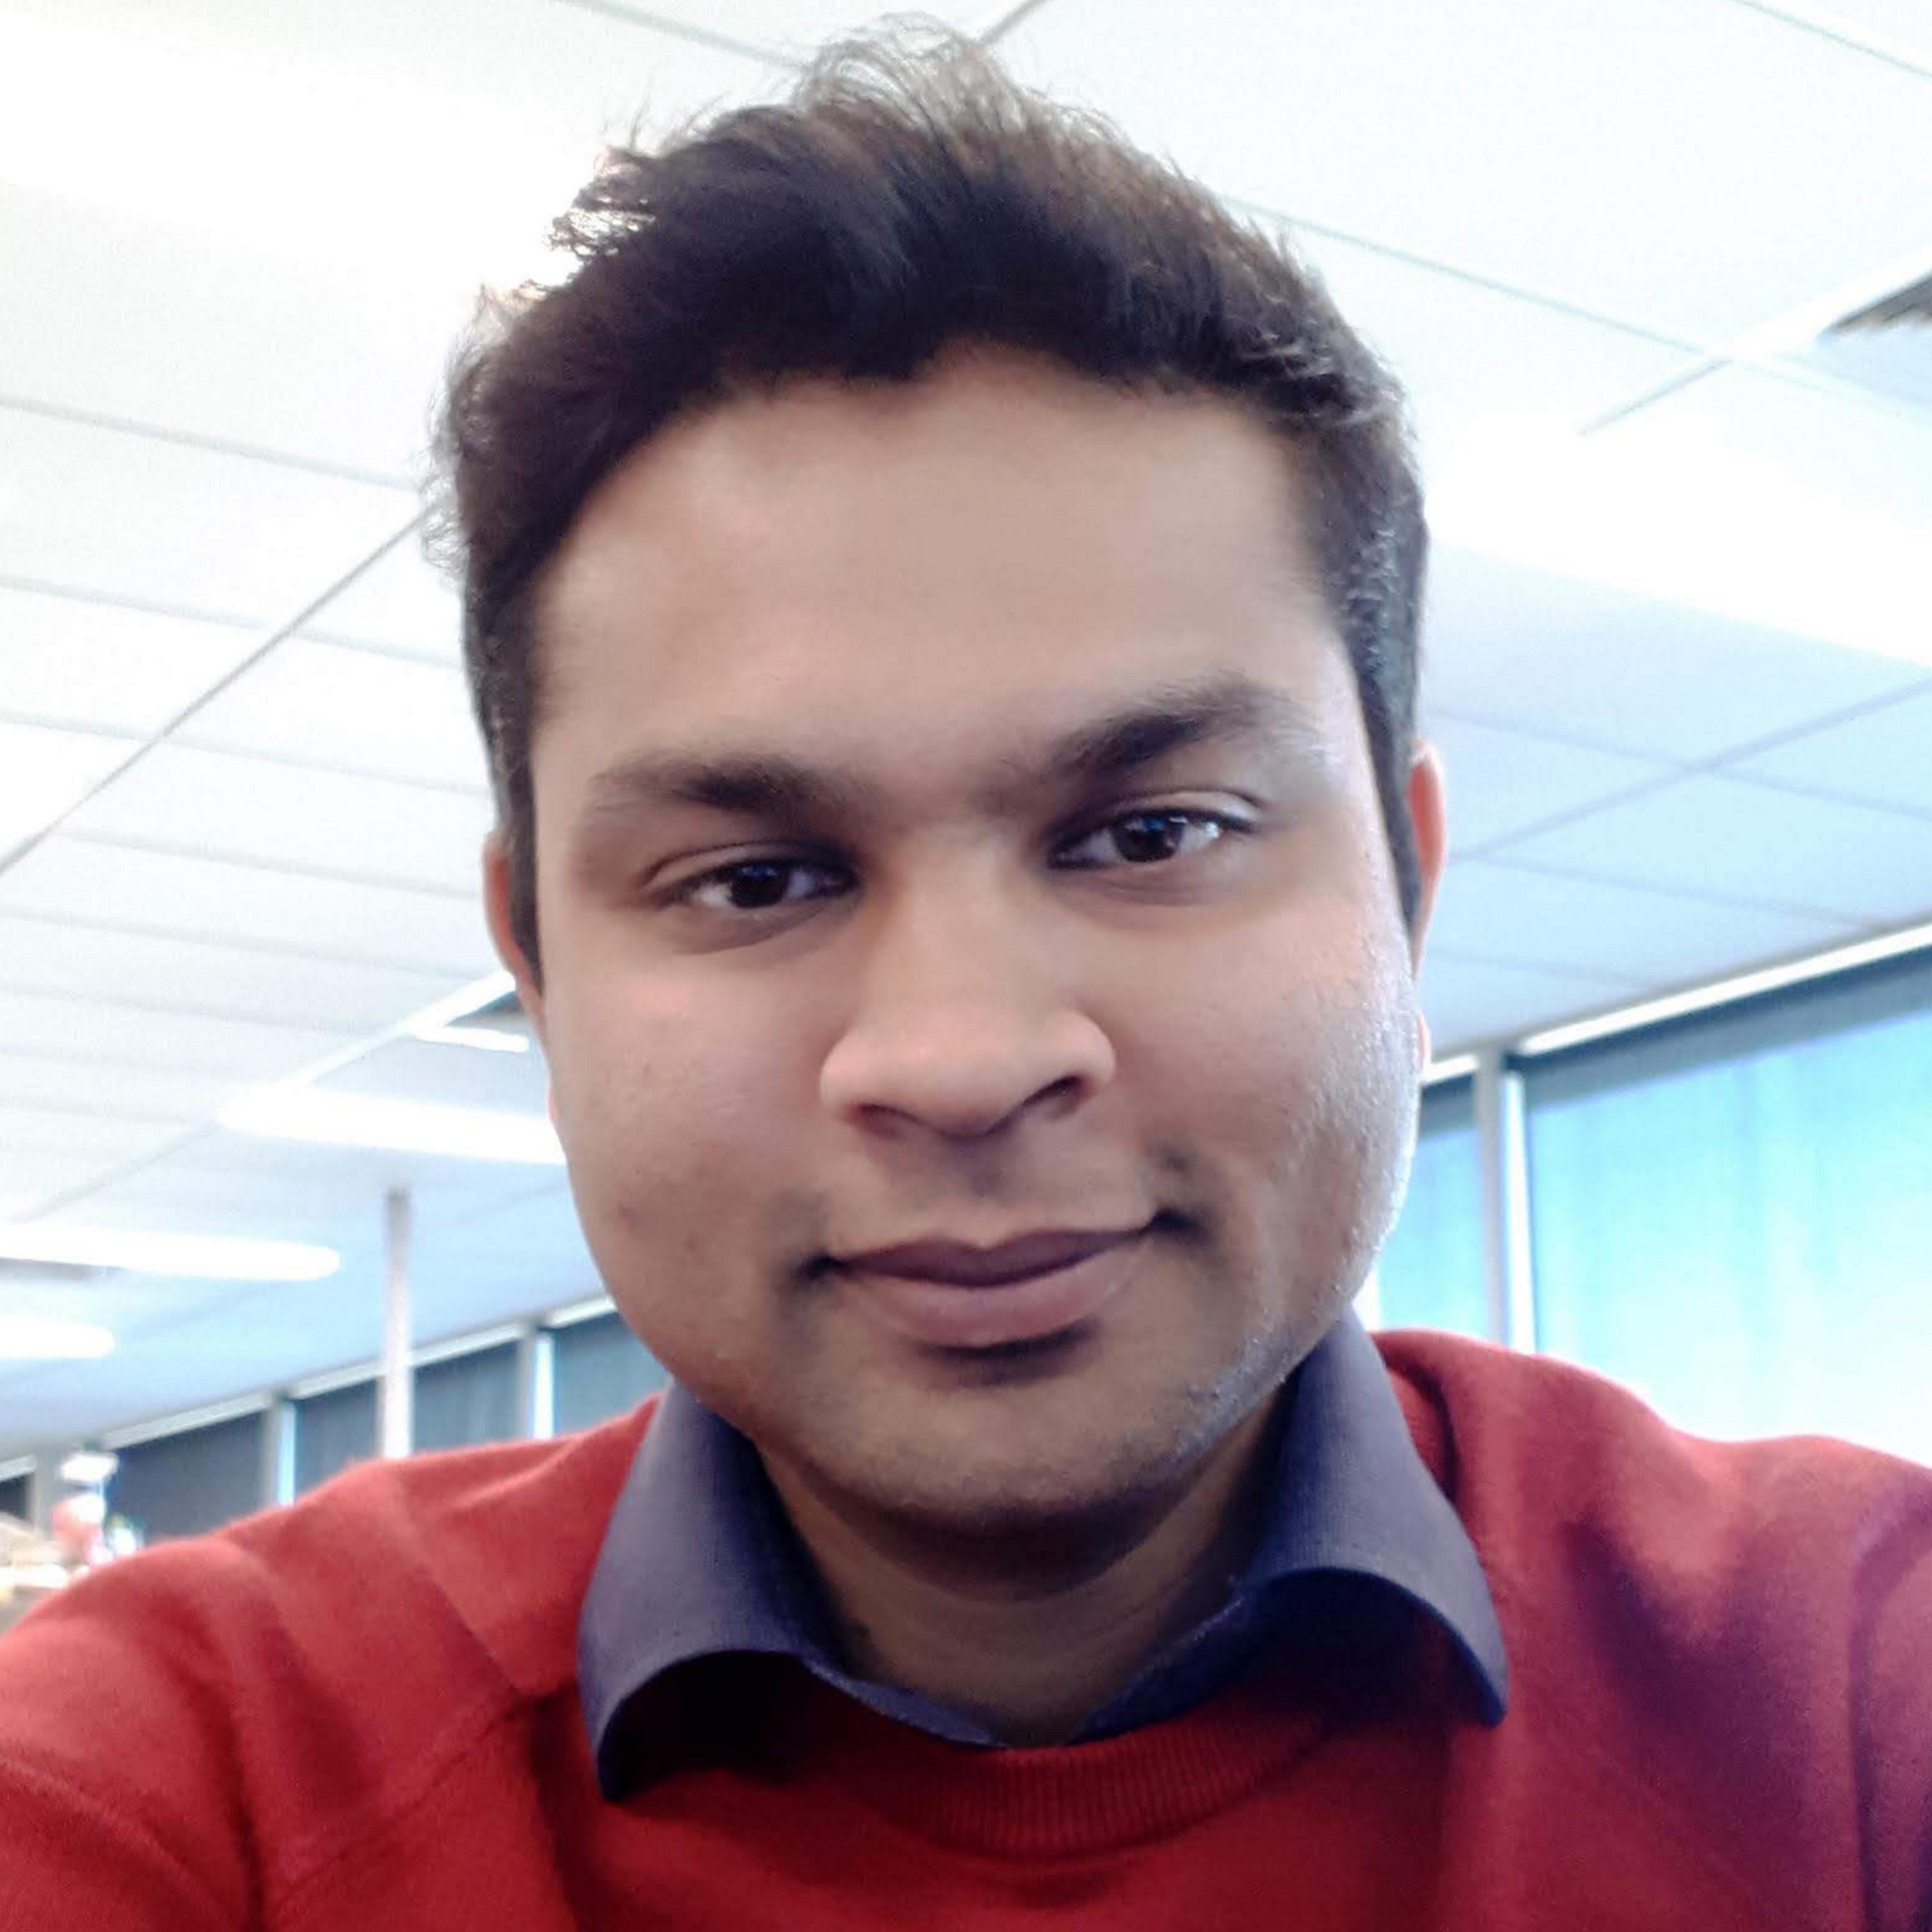 Manny_mahendran